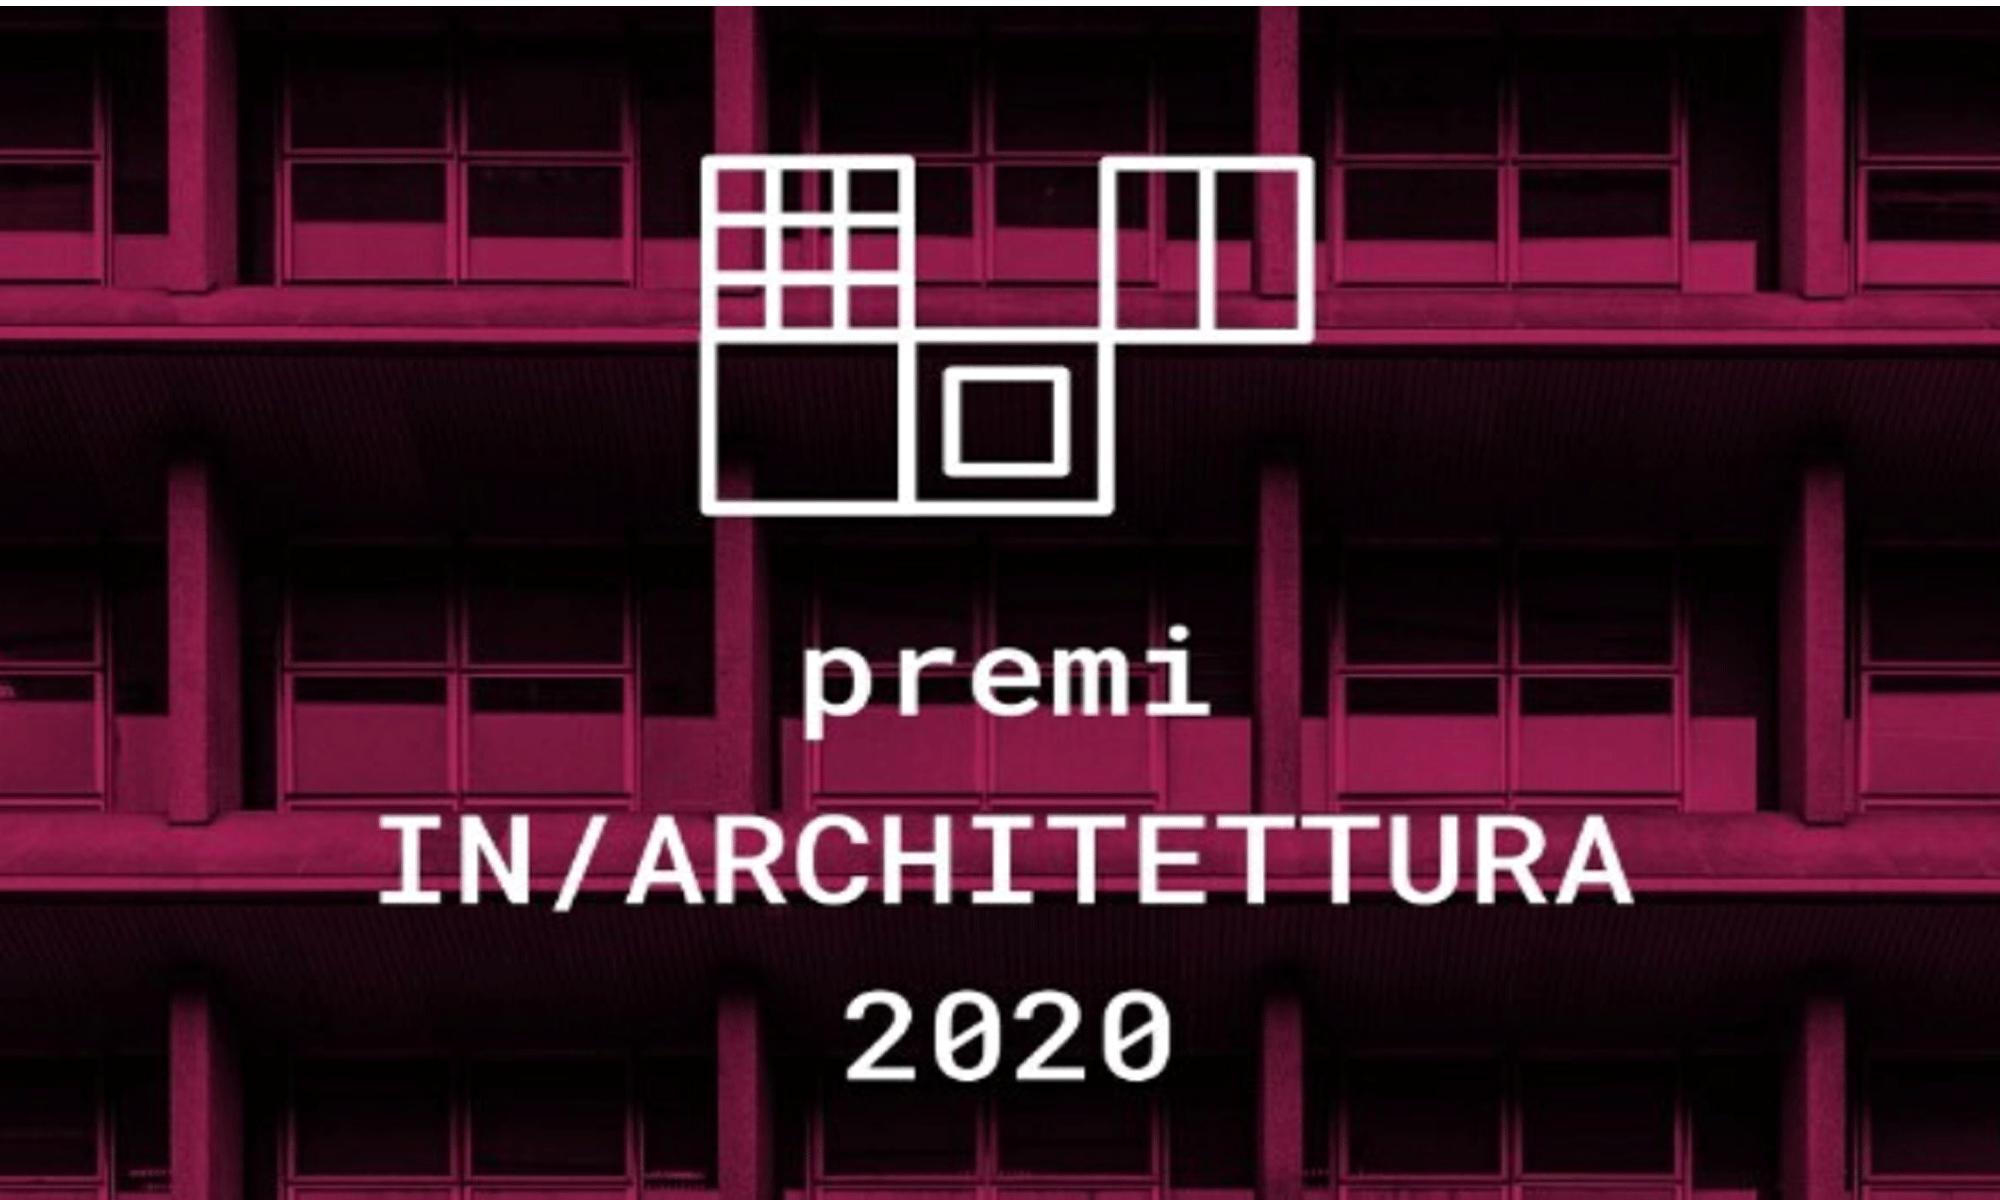 Studi Architettura Roma Lavoro inarch lazio